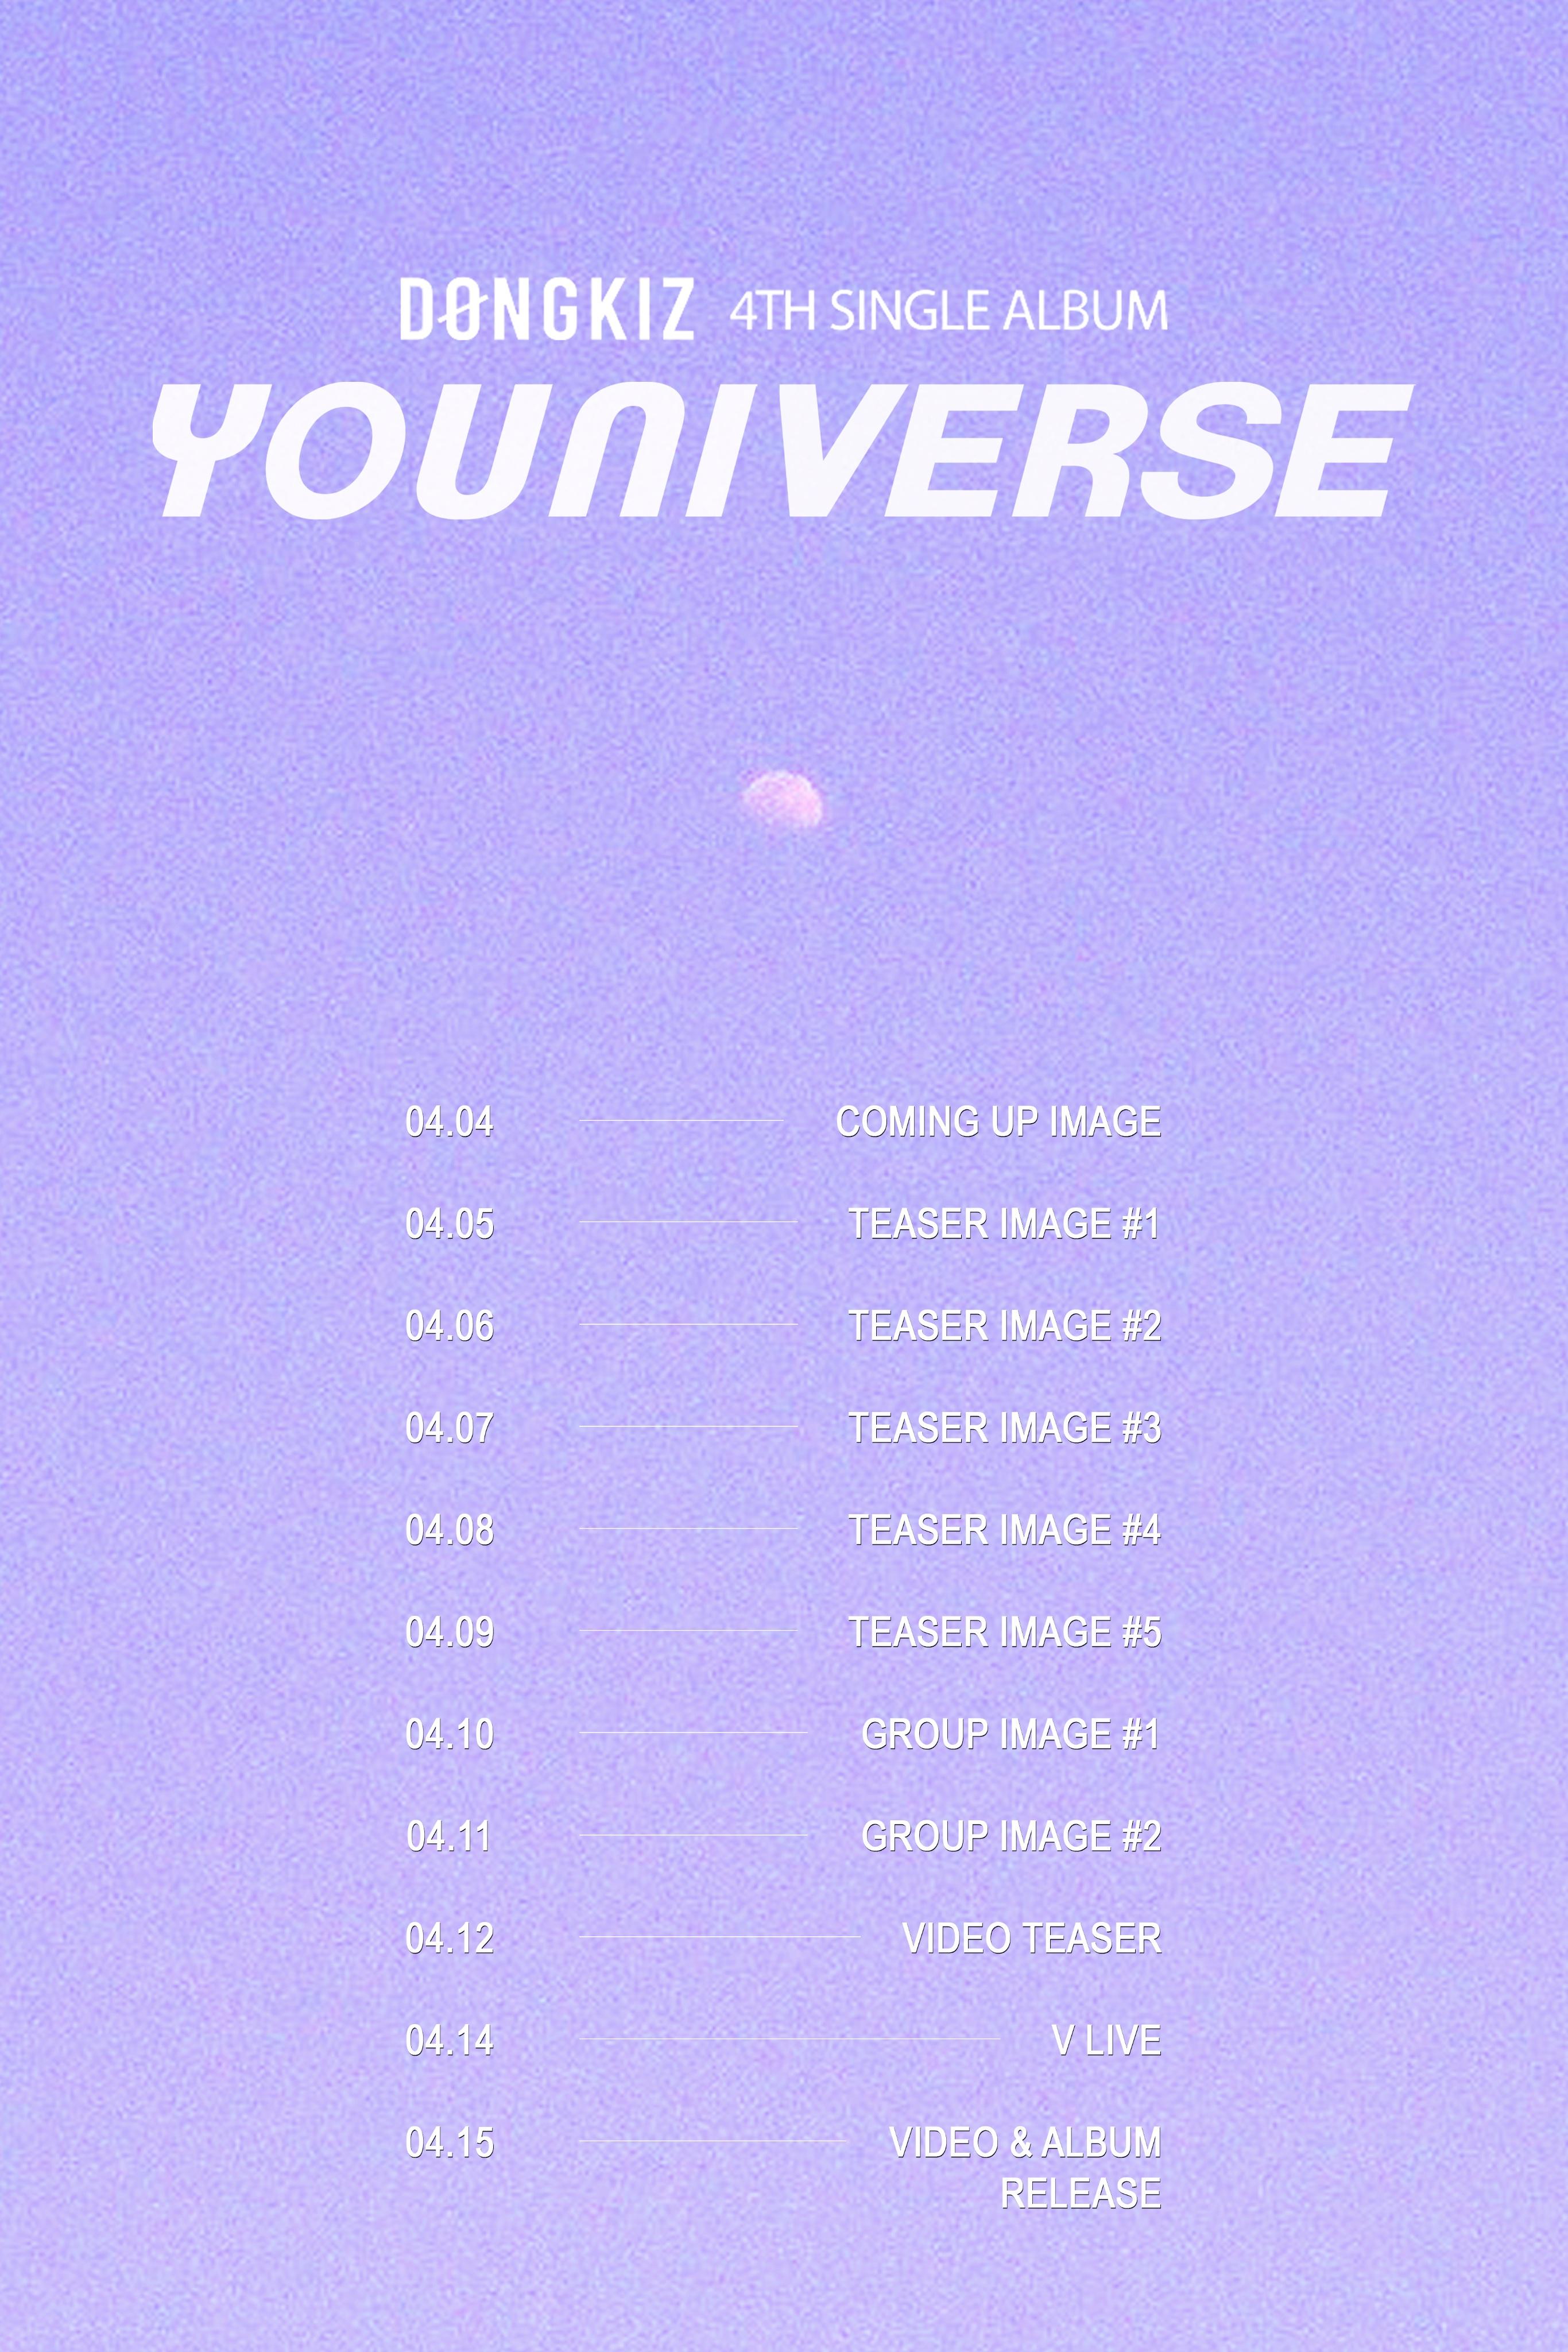 15일(목), 동키즈 싱글 앨범 4집 'Youniverse' 발매 | 인스티즈